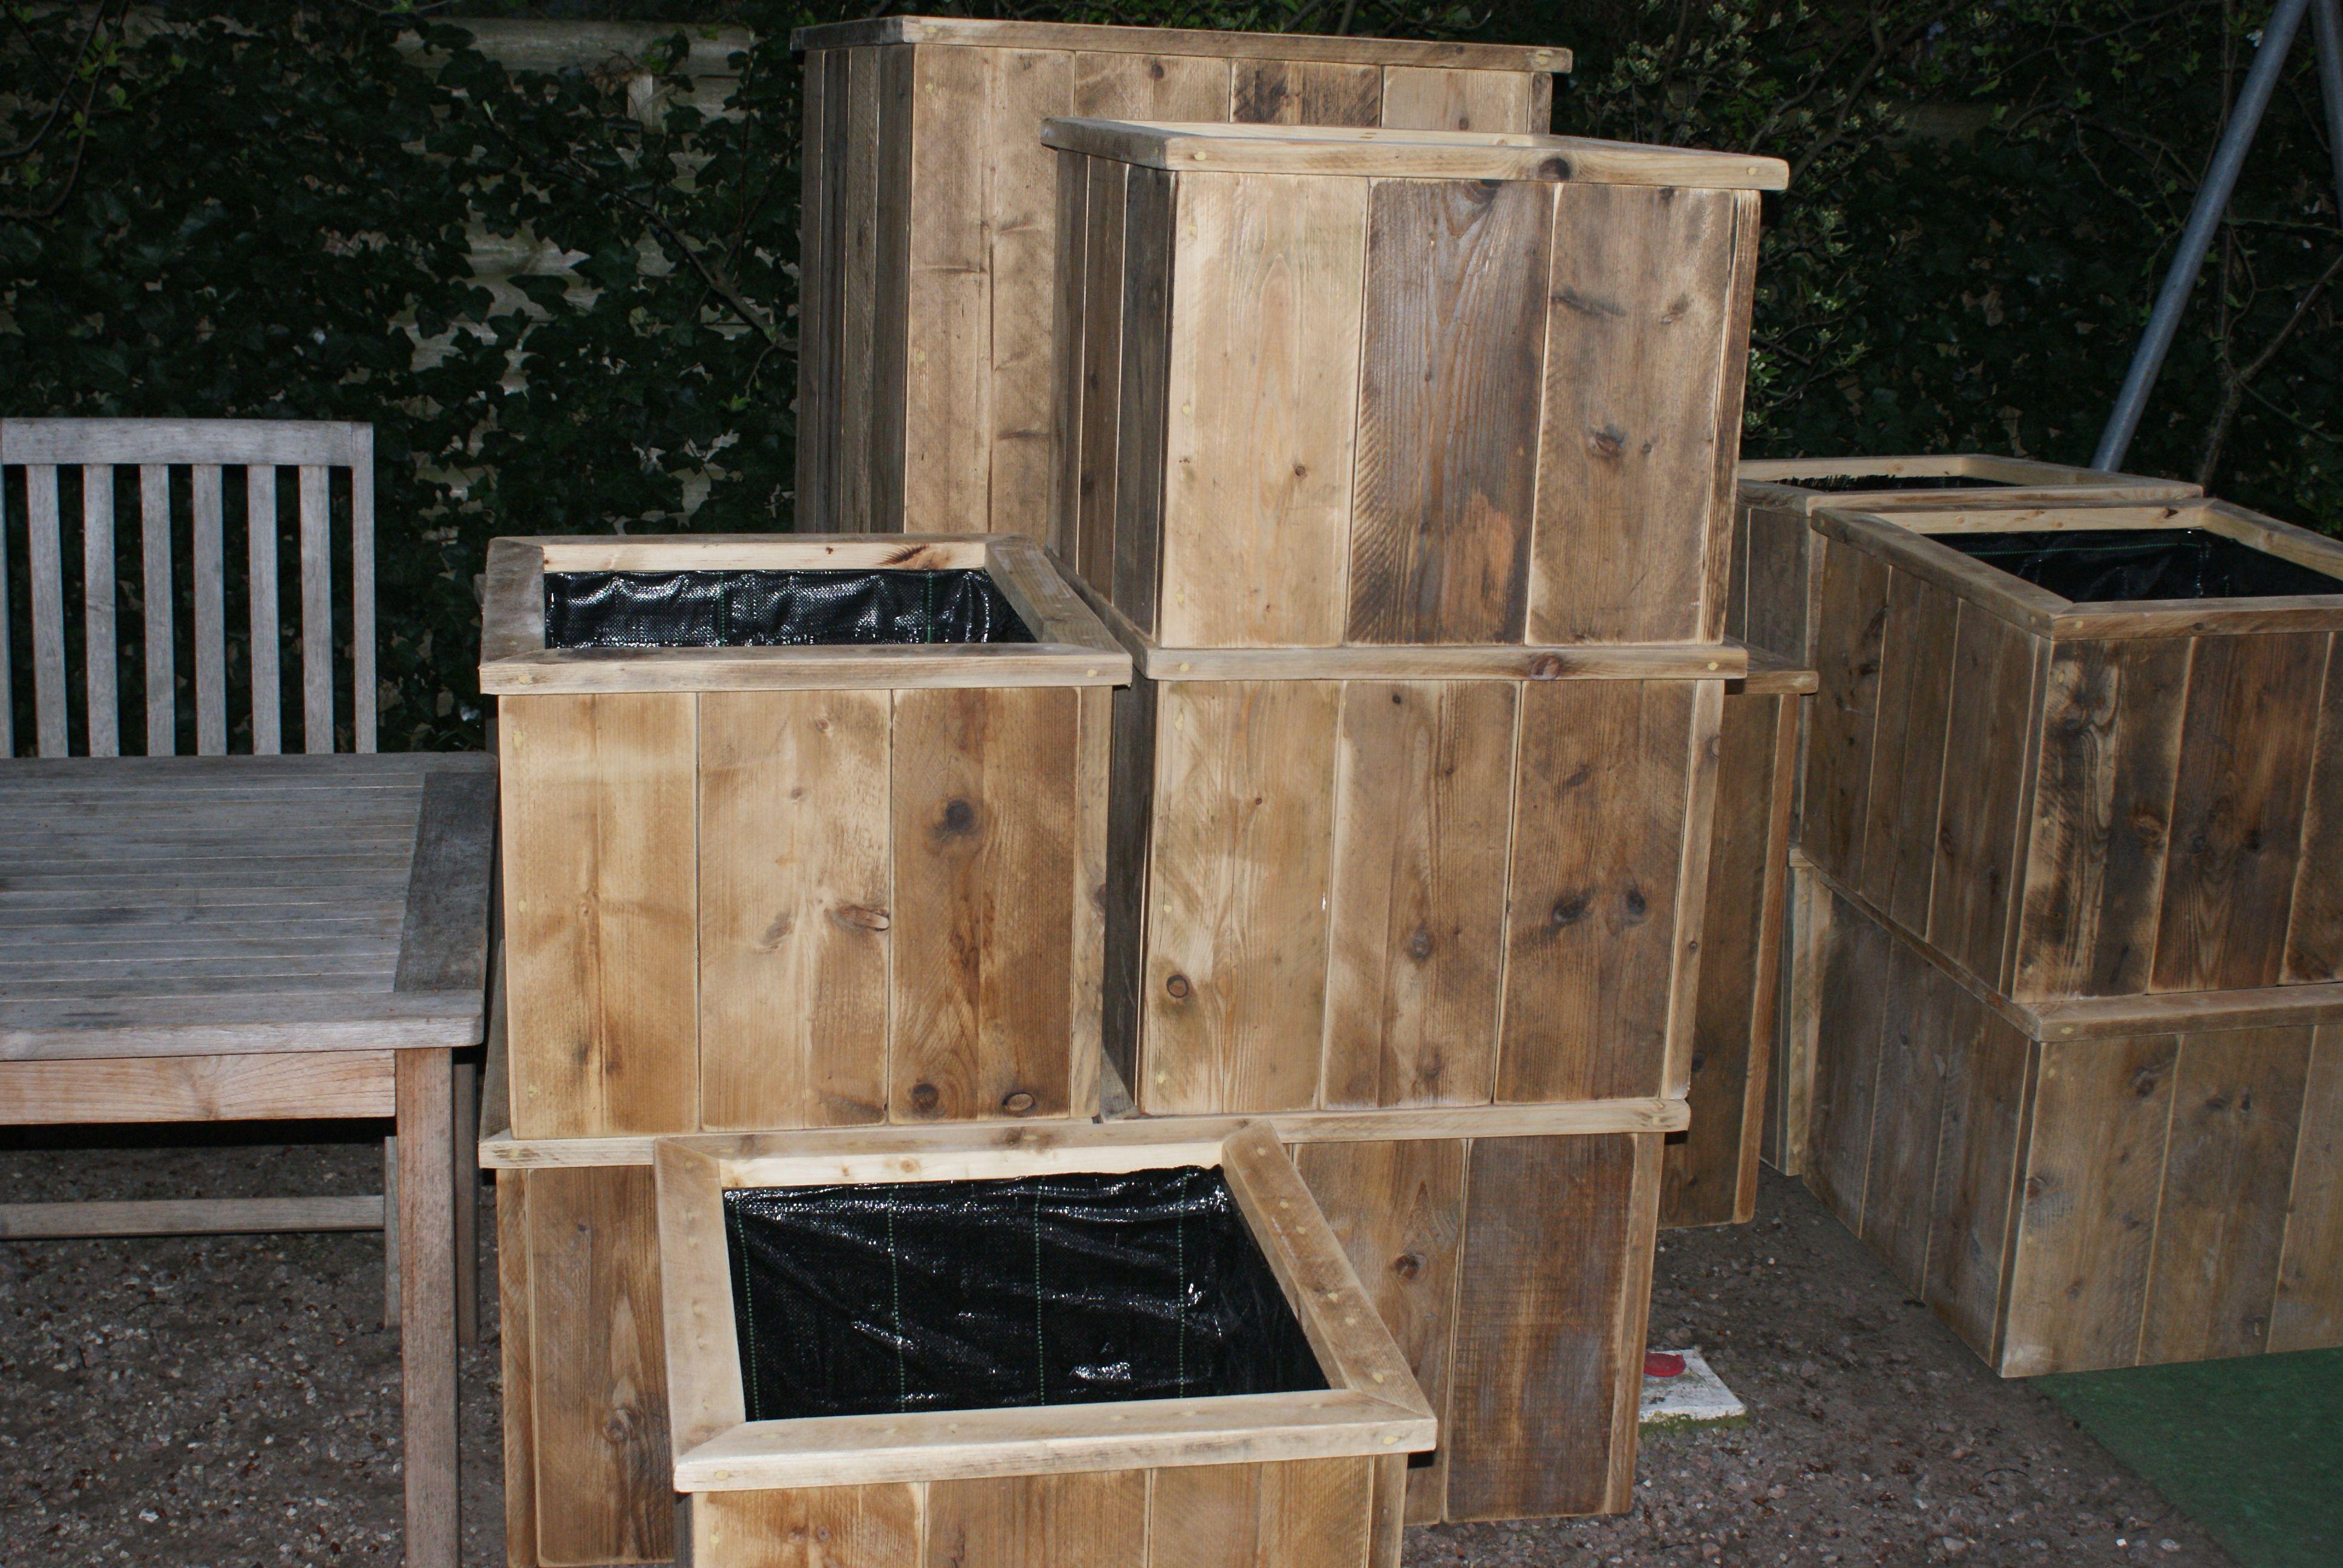 Steigerhouten Meubels Friesland : Bloembak gemaakt van oud steigerhout de meubels worden gemaakt